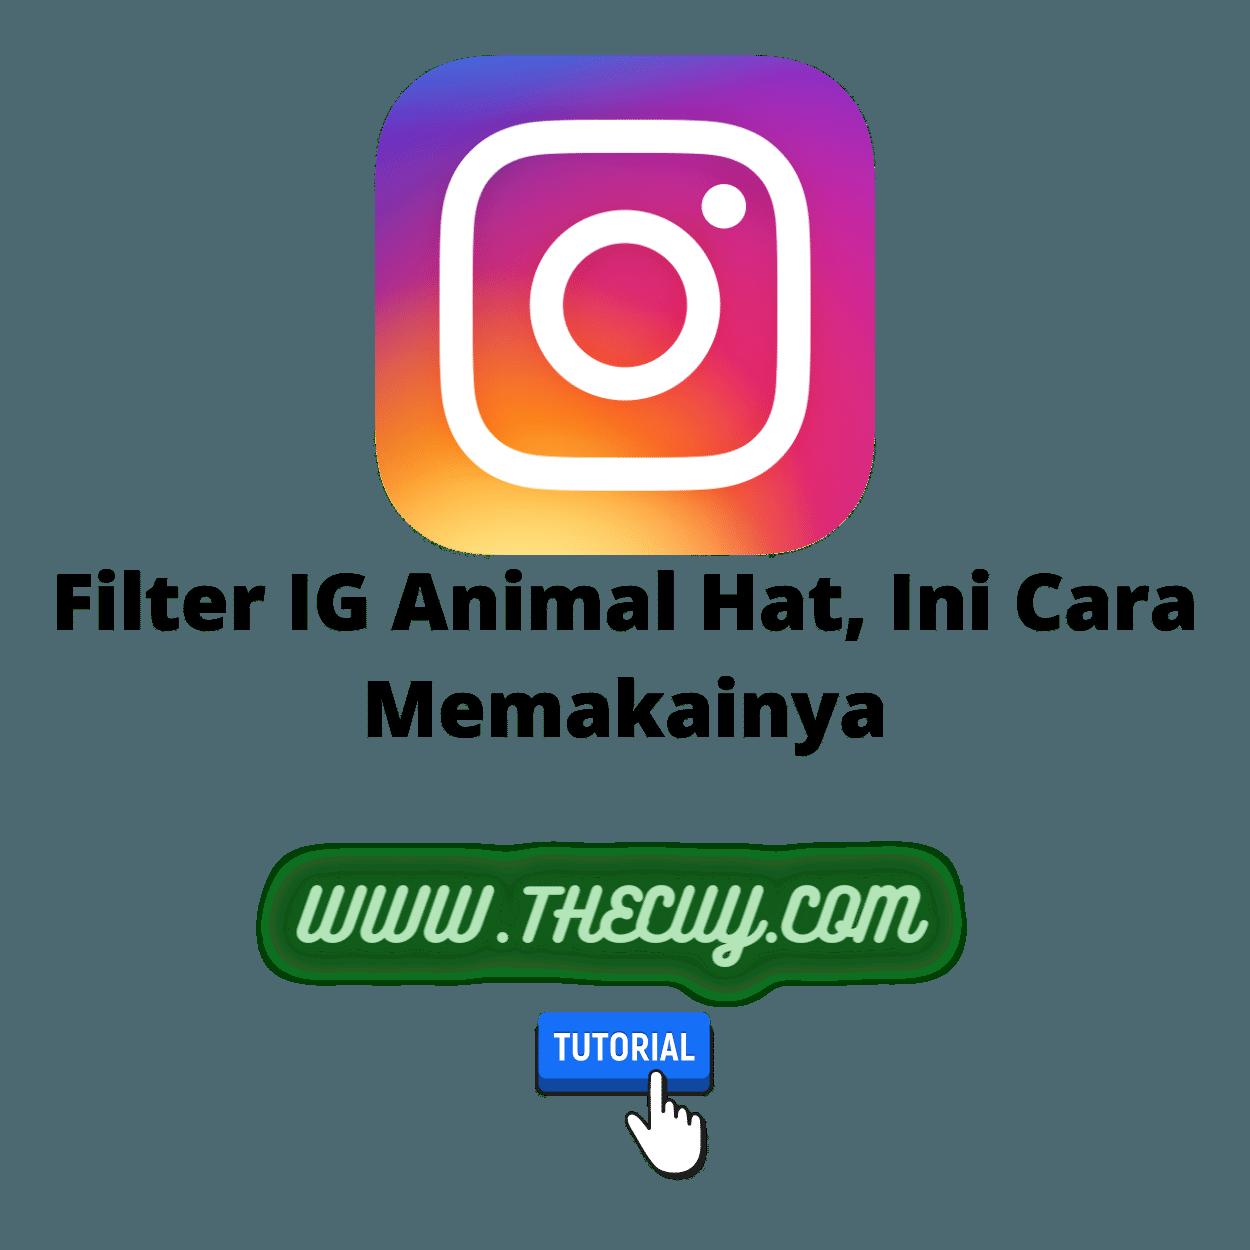 Filter IG Animal Hat, Ini Cara Memakainya